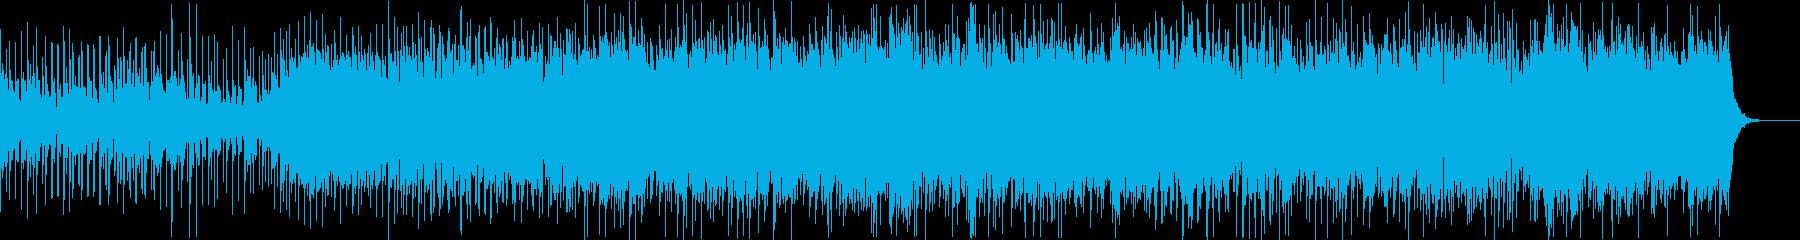 ラス前ボス前エリア終盤の行軍の再生済みの波形